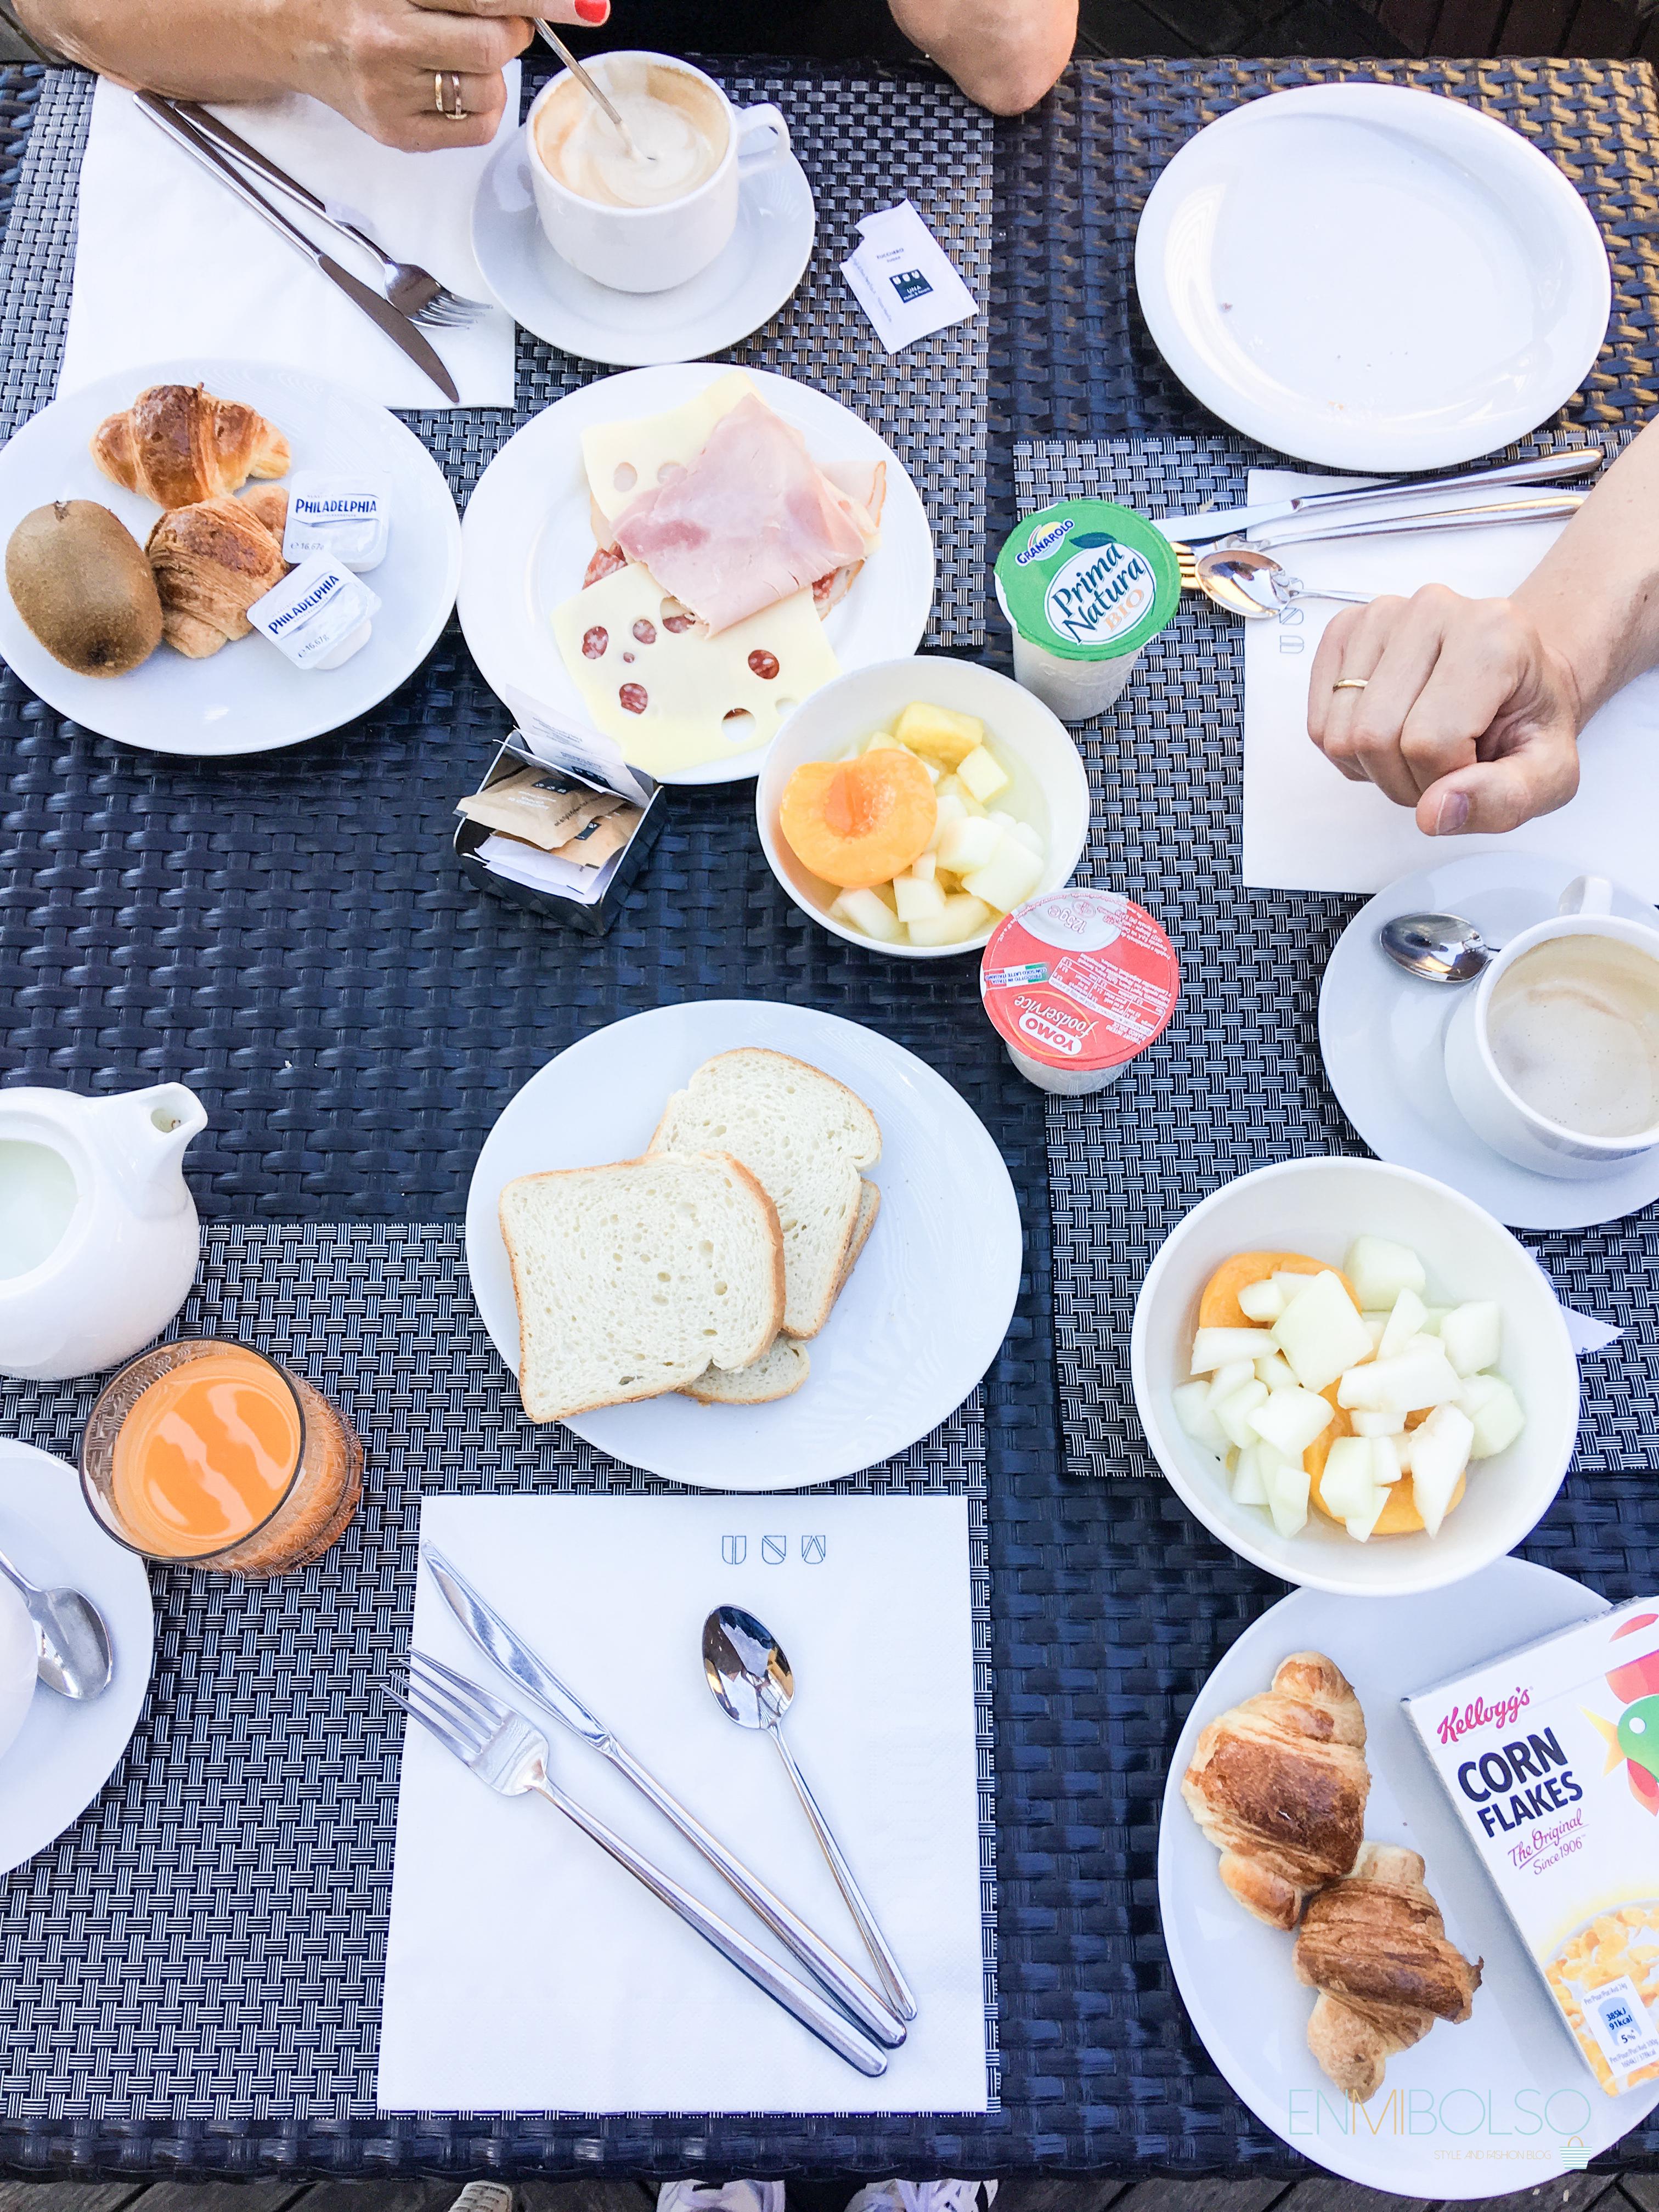 Desayuno-hotel una napoli-enmibolso